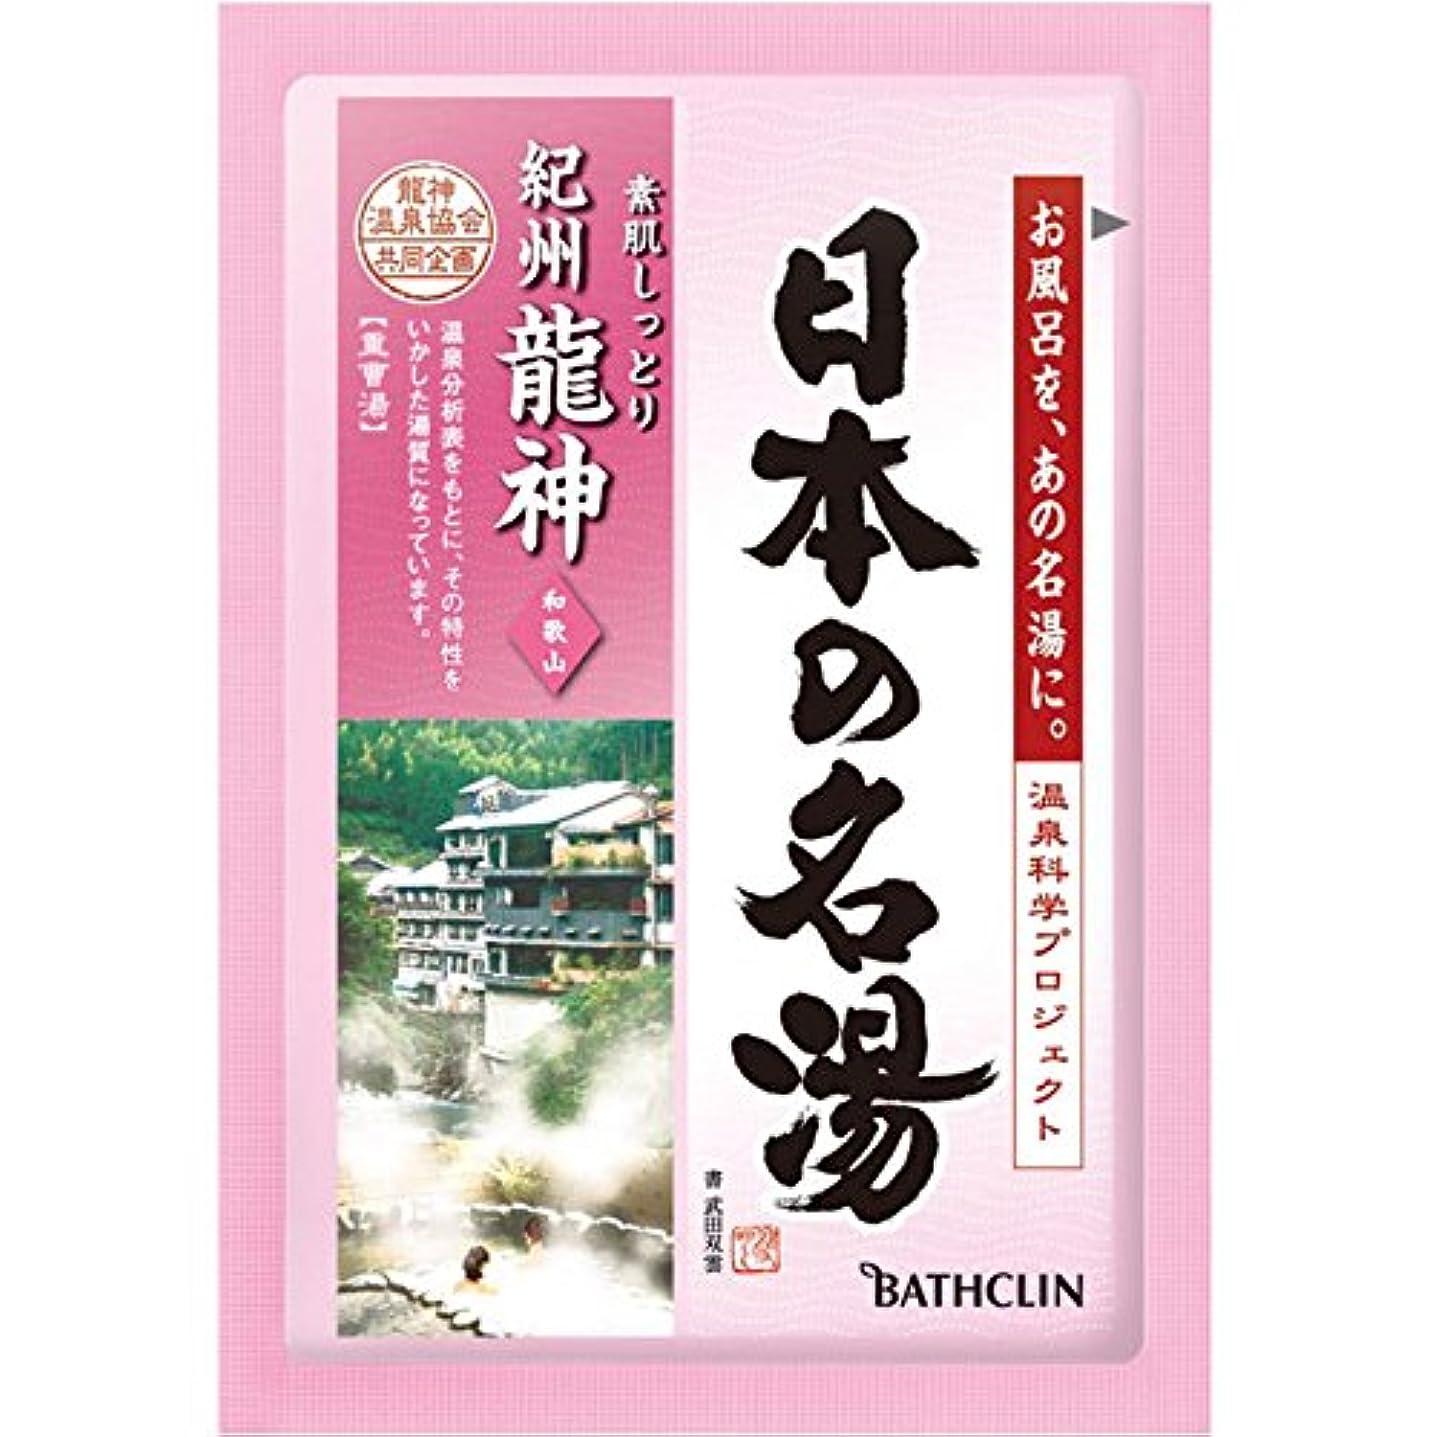 ミリメートルキャプチャーアコードバスクリン 日本の名湯 紀州龍神 30g